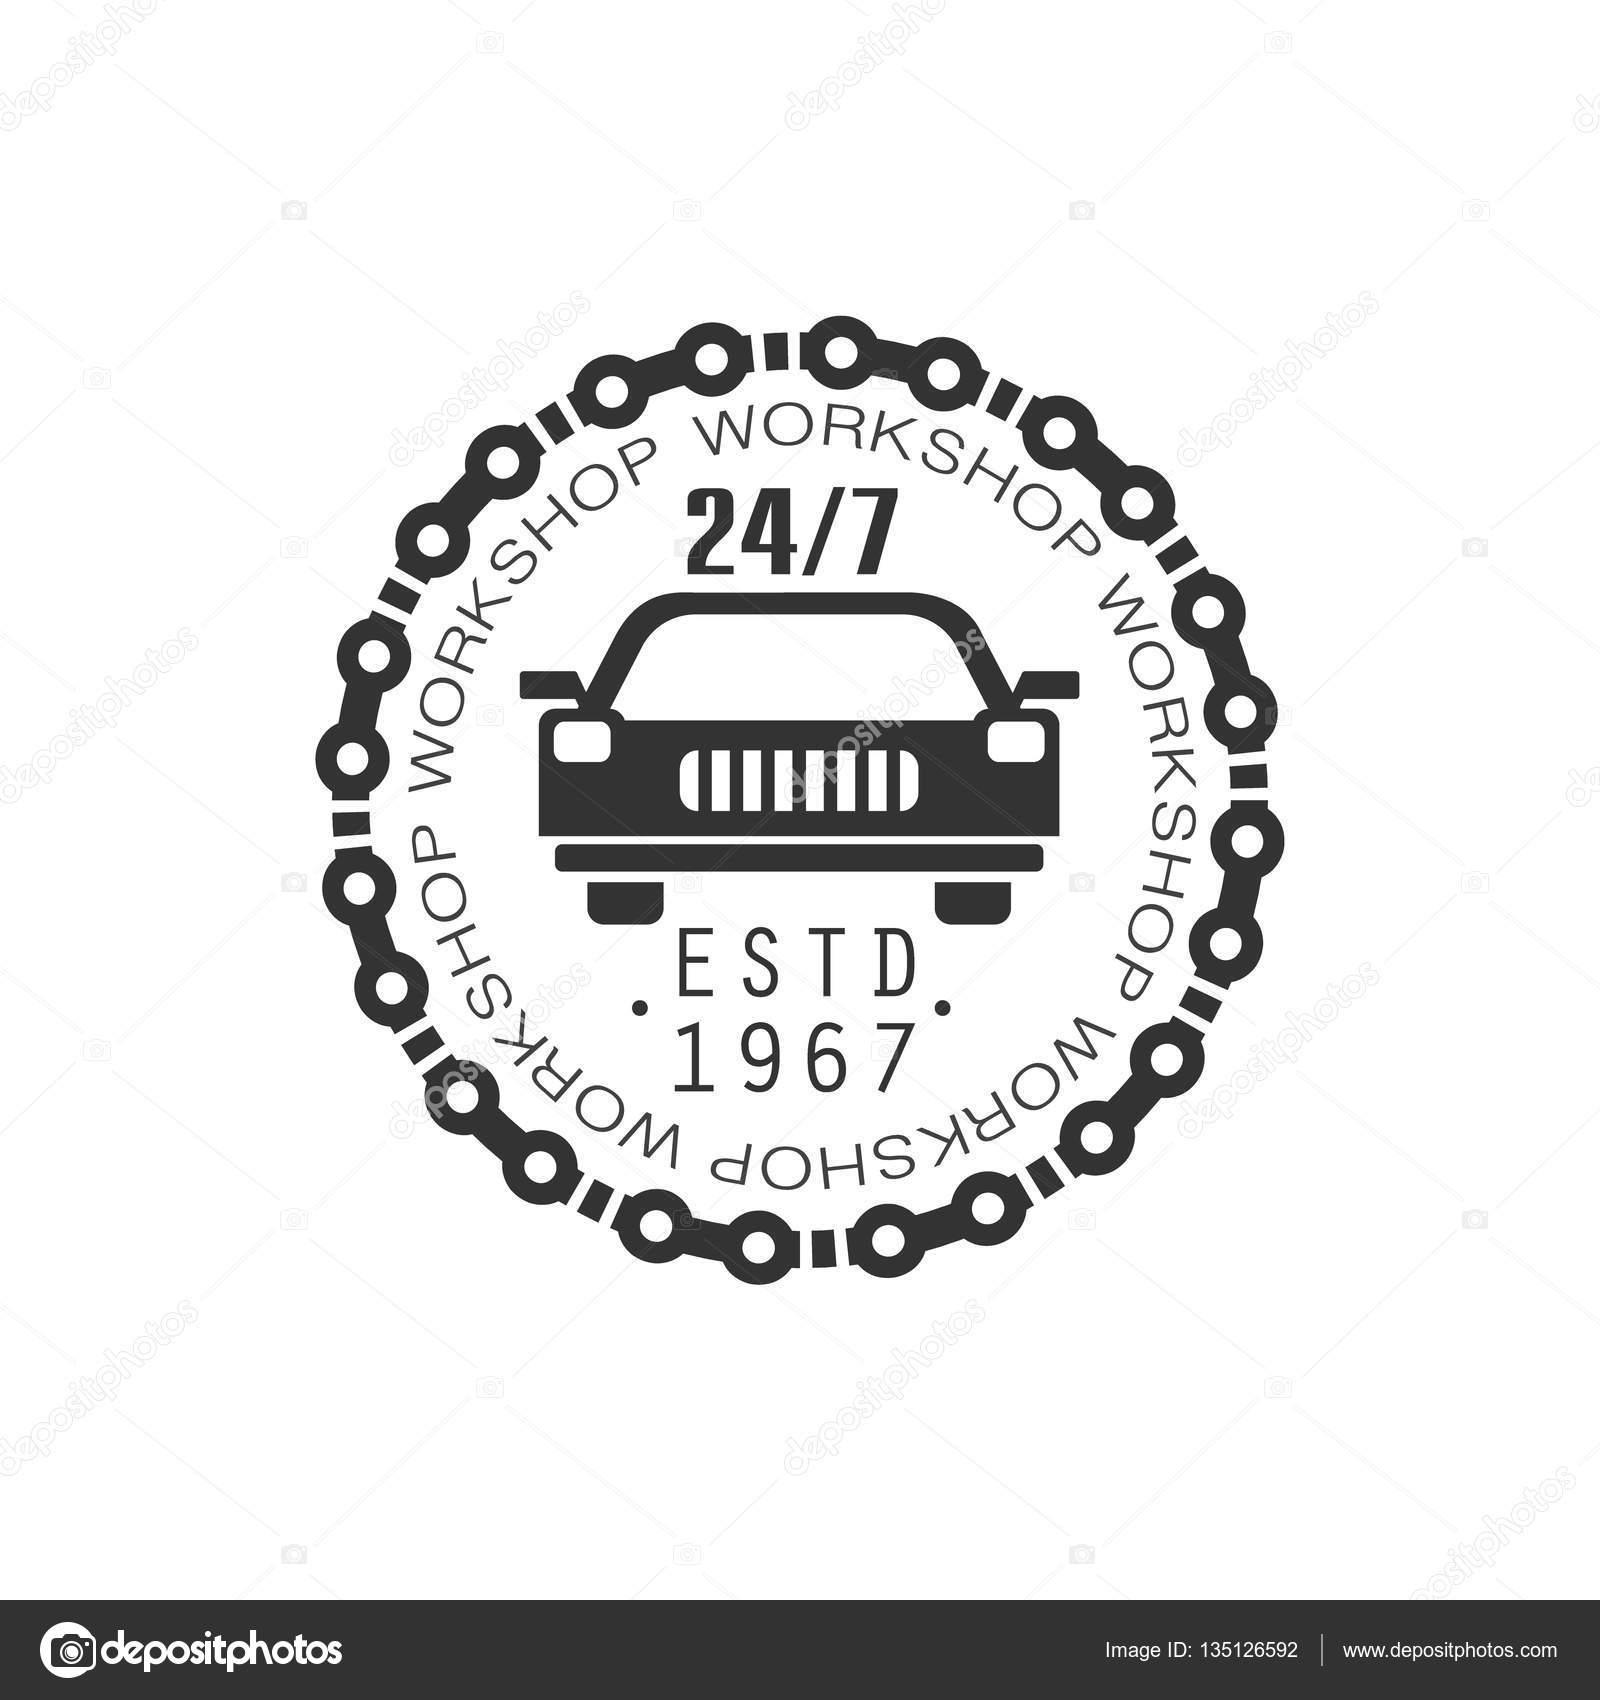 Design car repair workshop - Round The Clock Car Repair Workshop Black And White Label Design Template Stock Vector